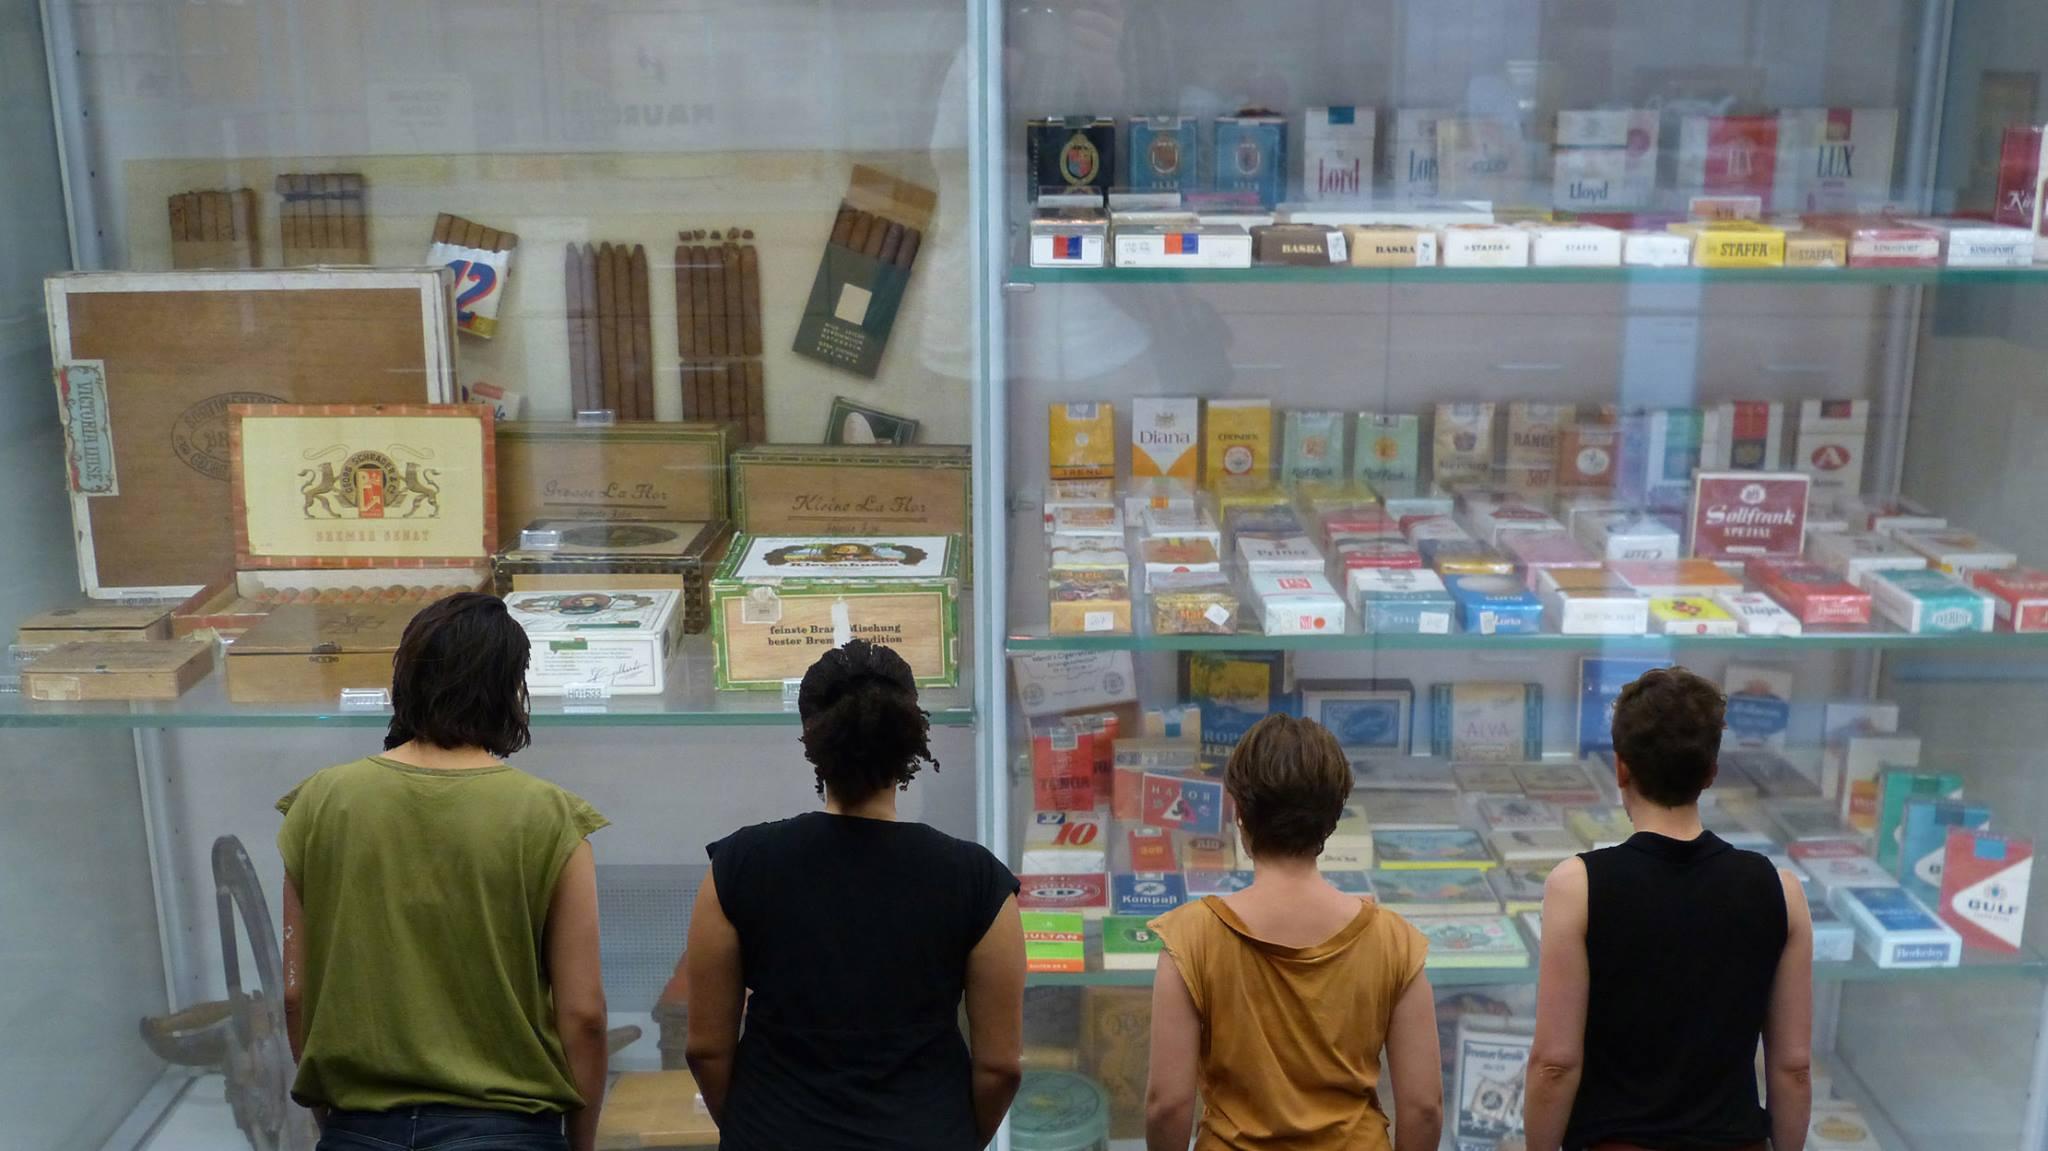 """Veranstaltungsfoto zum Stück """"Wo genau liegt nochmal Togo?"""" - vier Personen, die in Rückenansicht zu sehen sind, blicken auf eine Museumsvitrine voller Zigarettenverpackungen"""